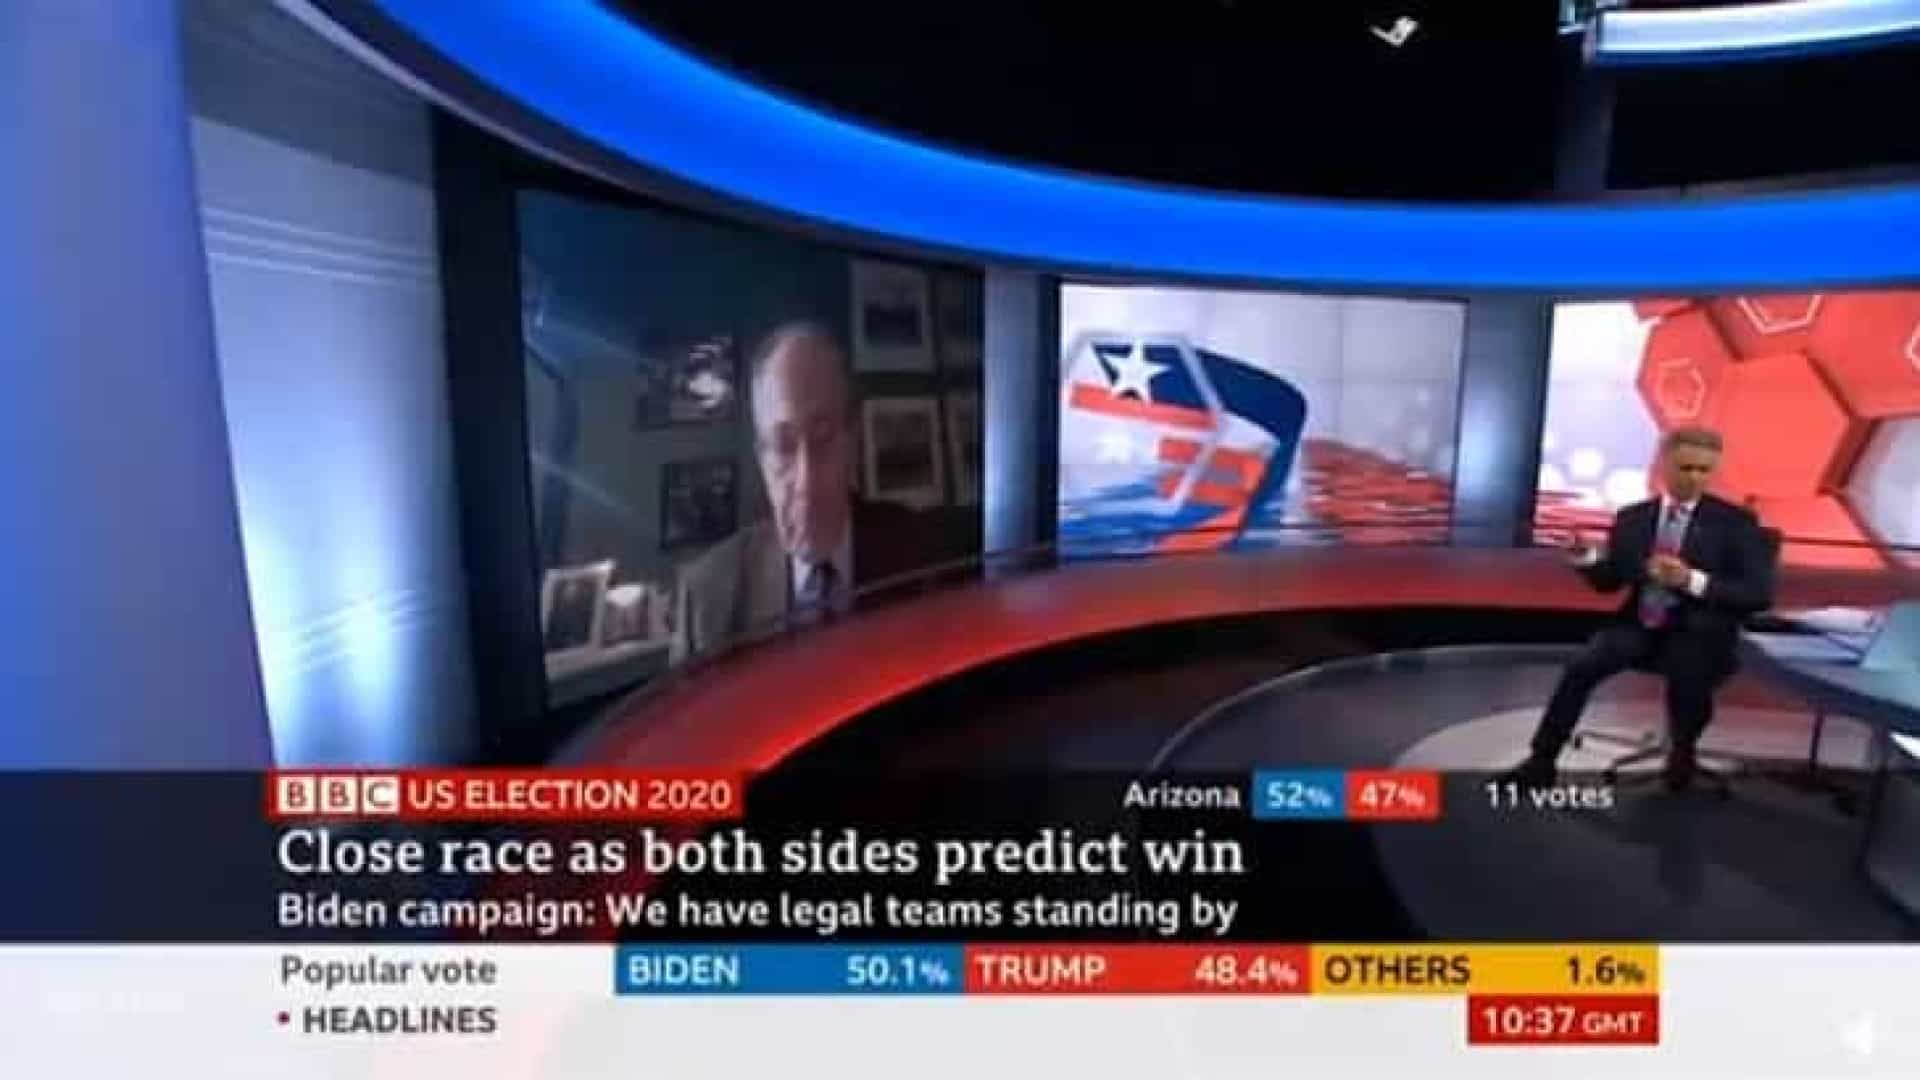 Jornalista da BBC comete gafe e diz que Thatcher compartilhou tweet